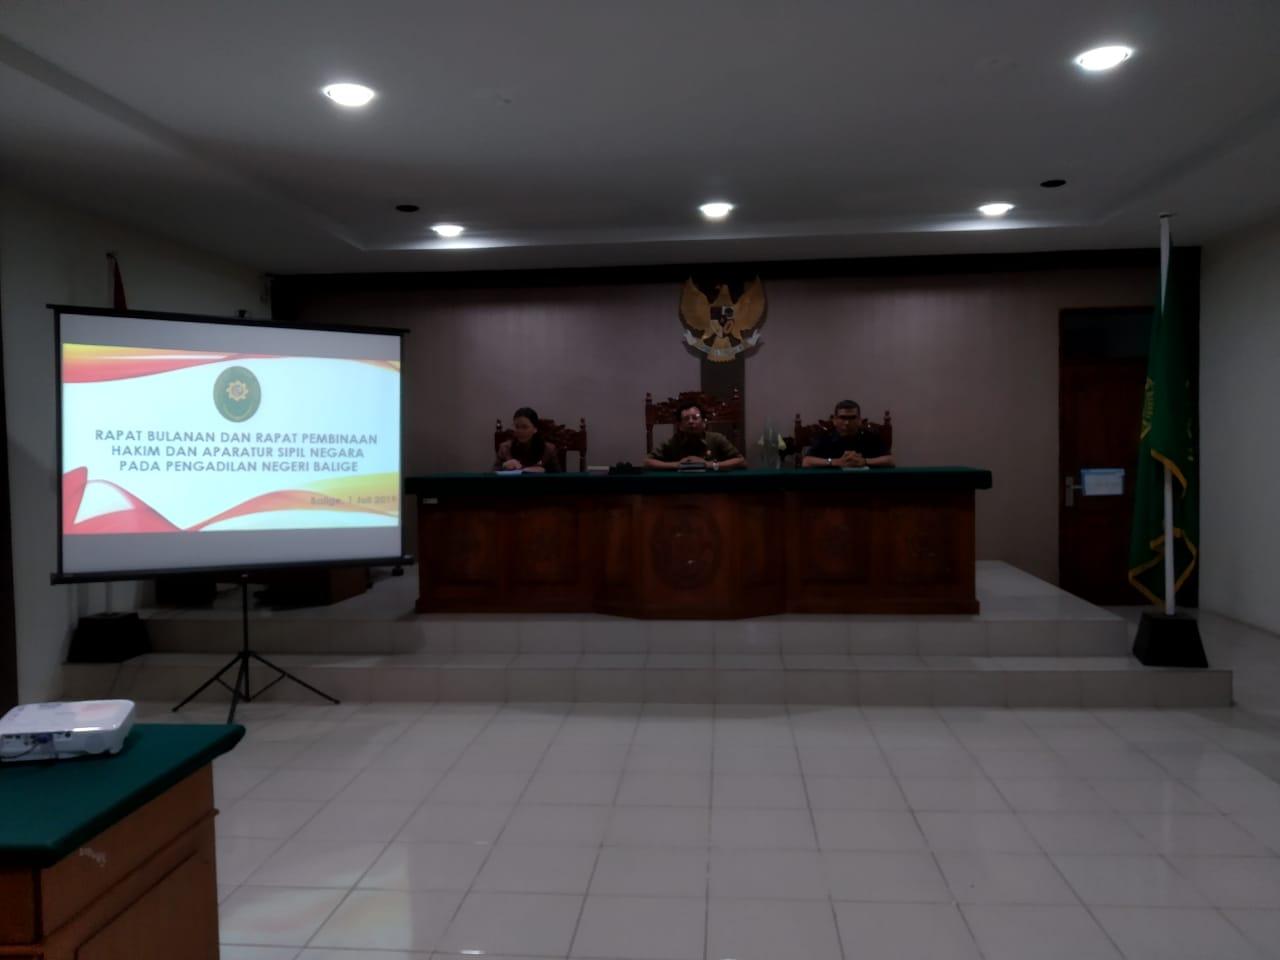 Rapat Bulanan Pengadilan Negeri Balige Bulan Juli Tahun 2019